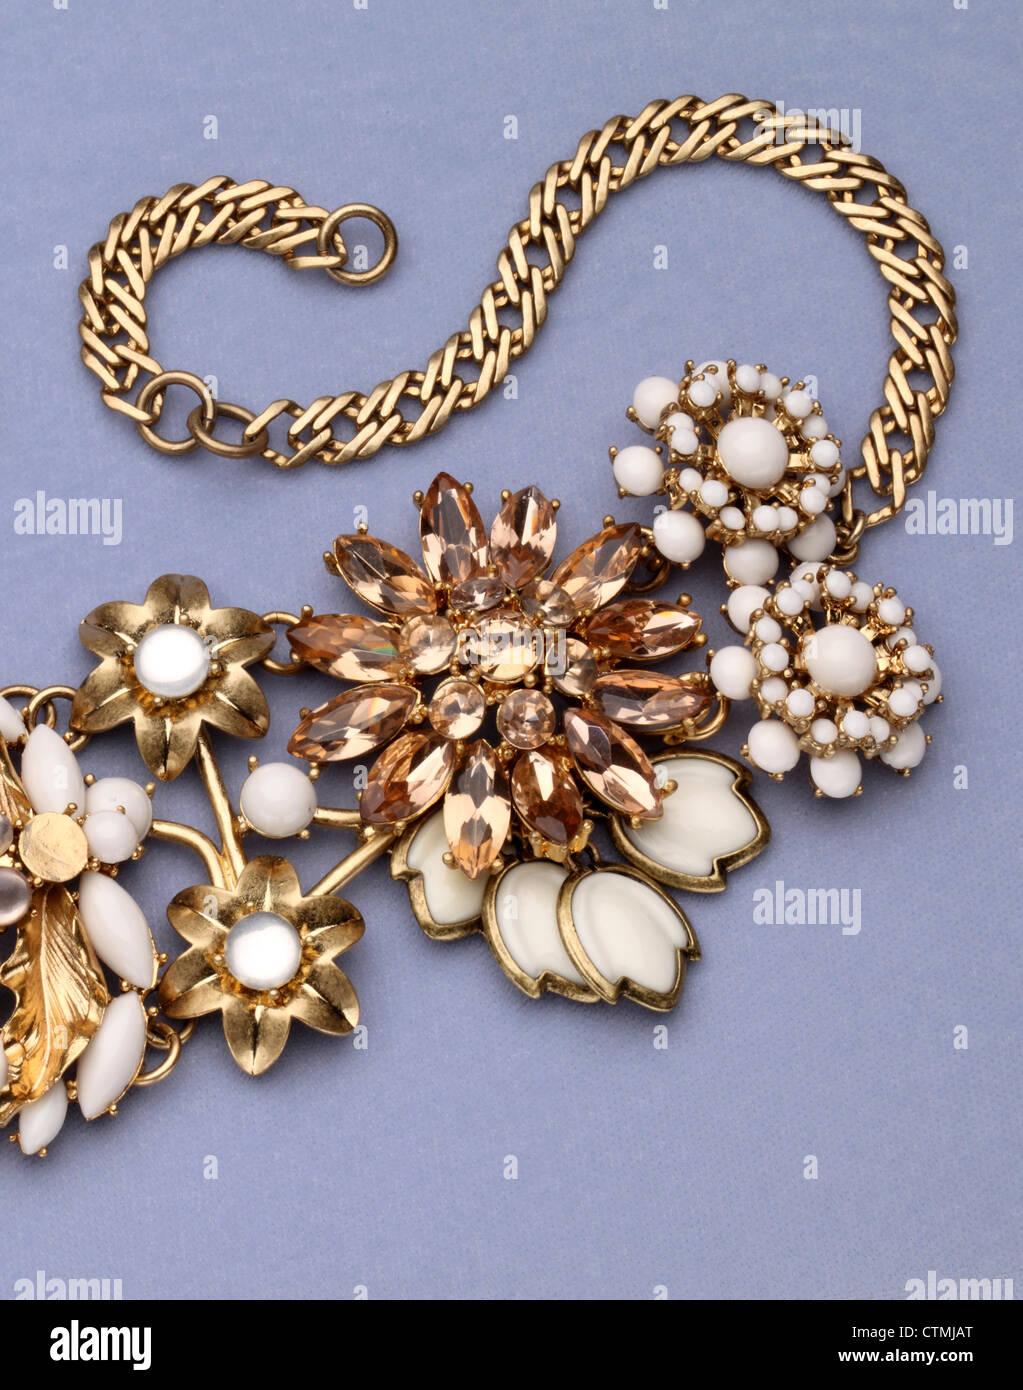 La bigiotteria. Una grande collana in oro con fiori. Immagini Stock